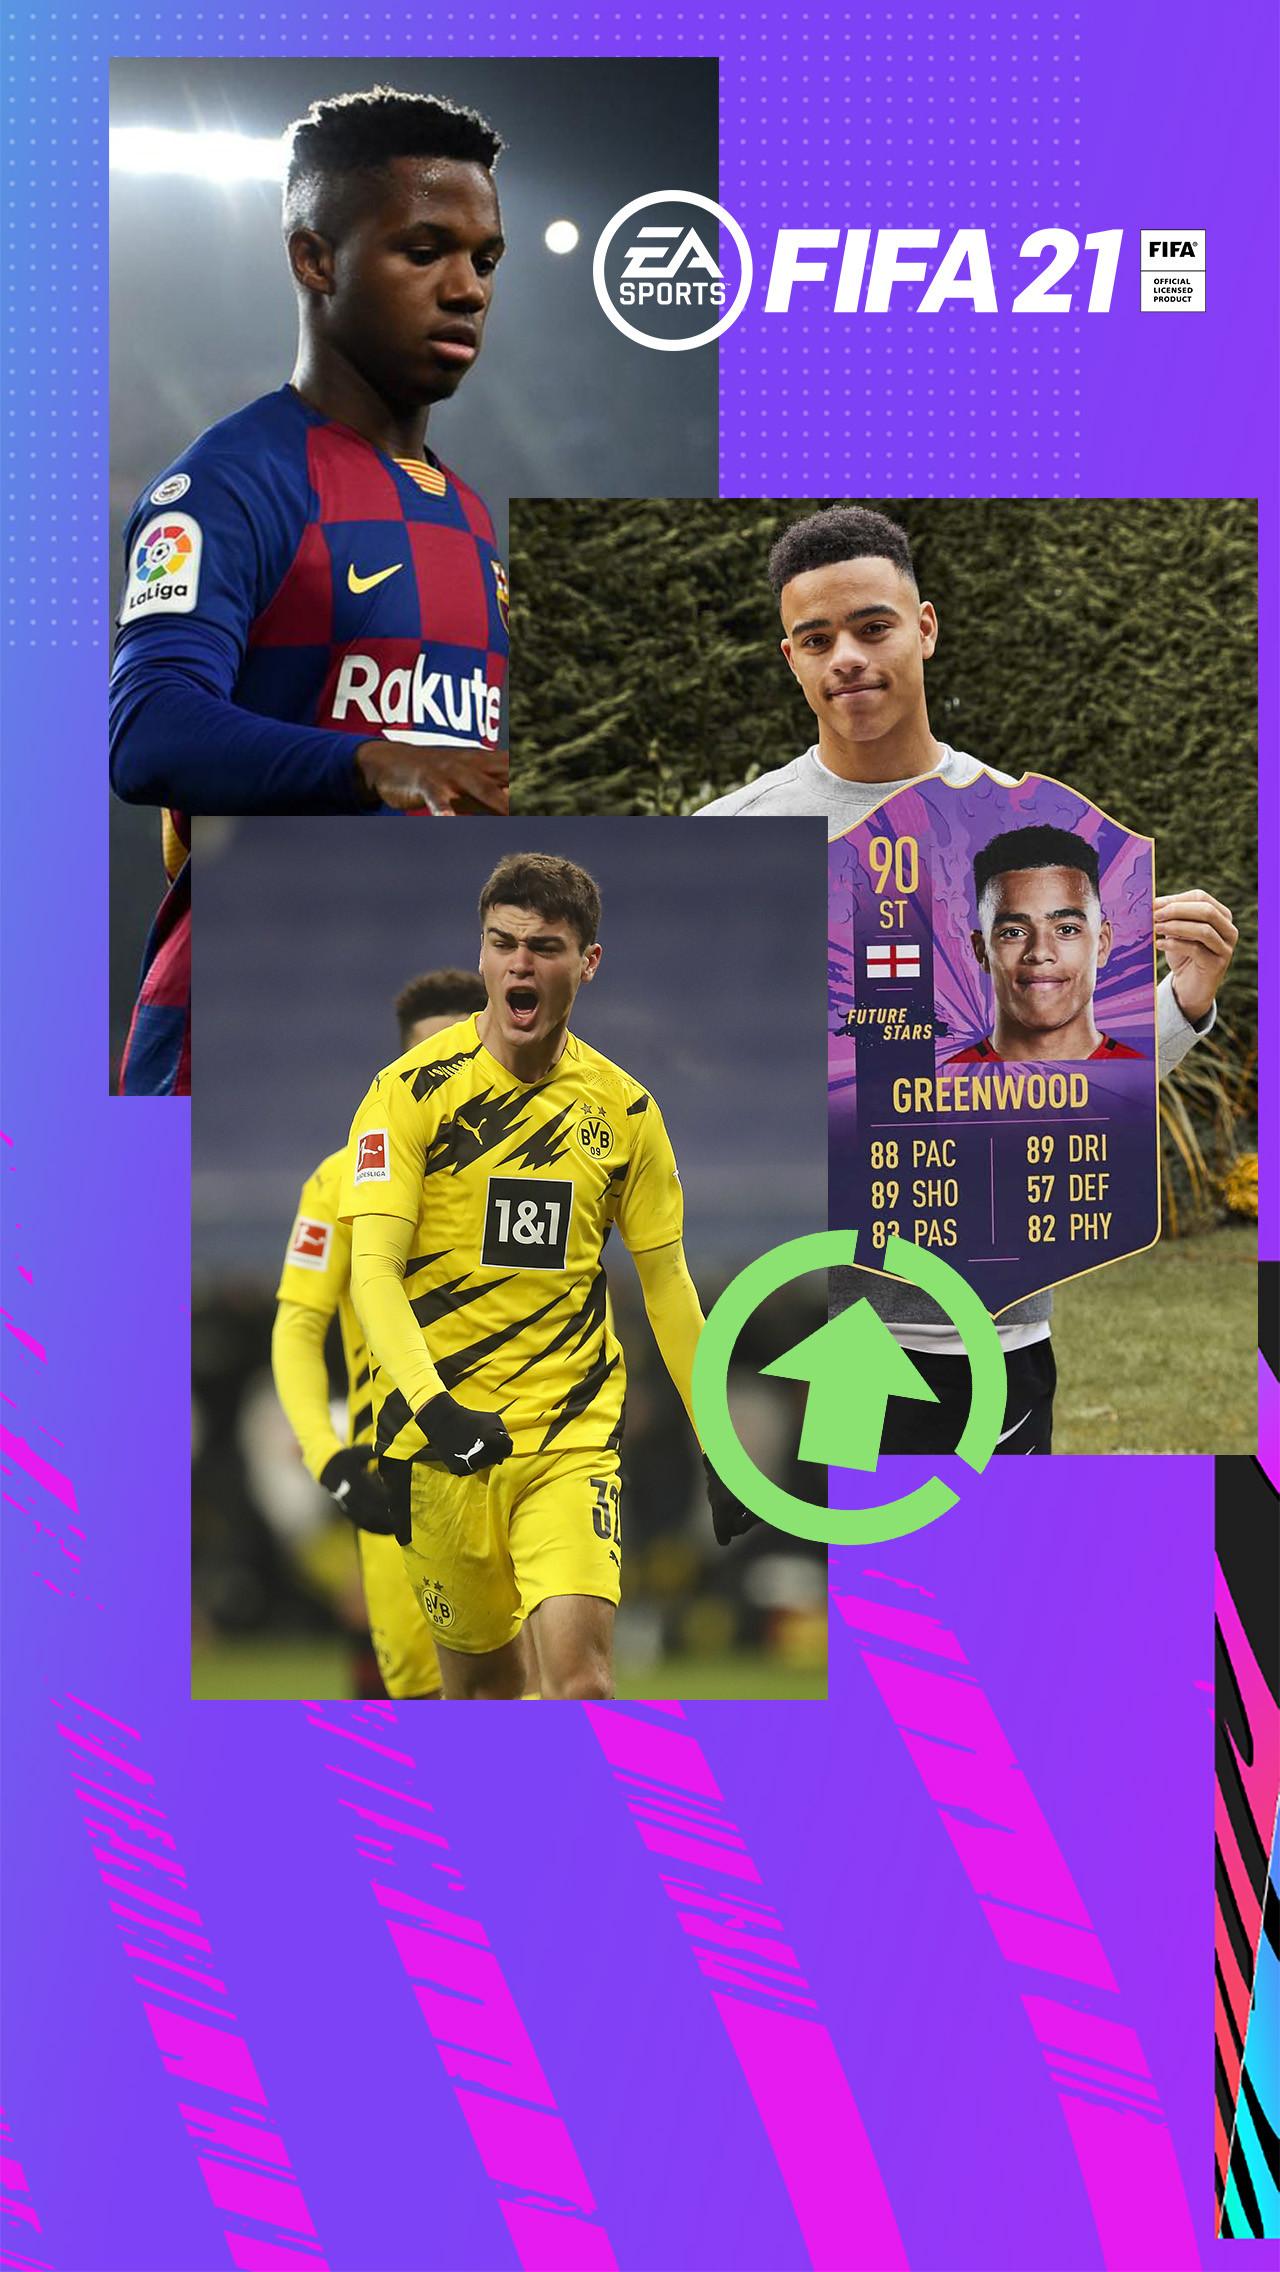 Самые перспективные футболисты FIFA 21 до 18 лет